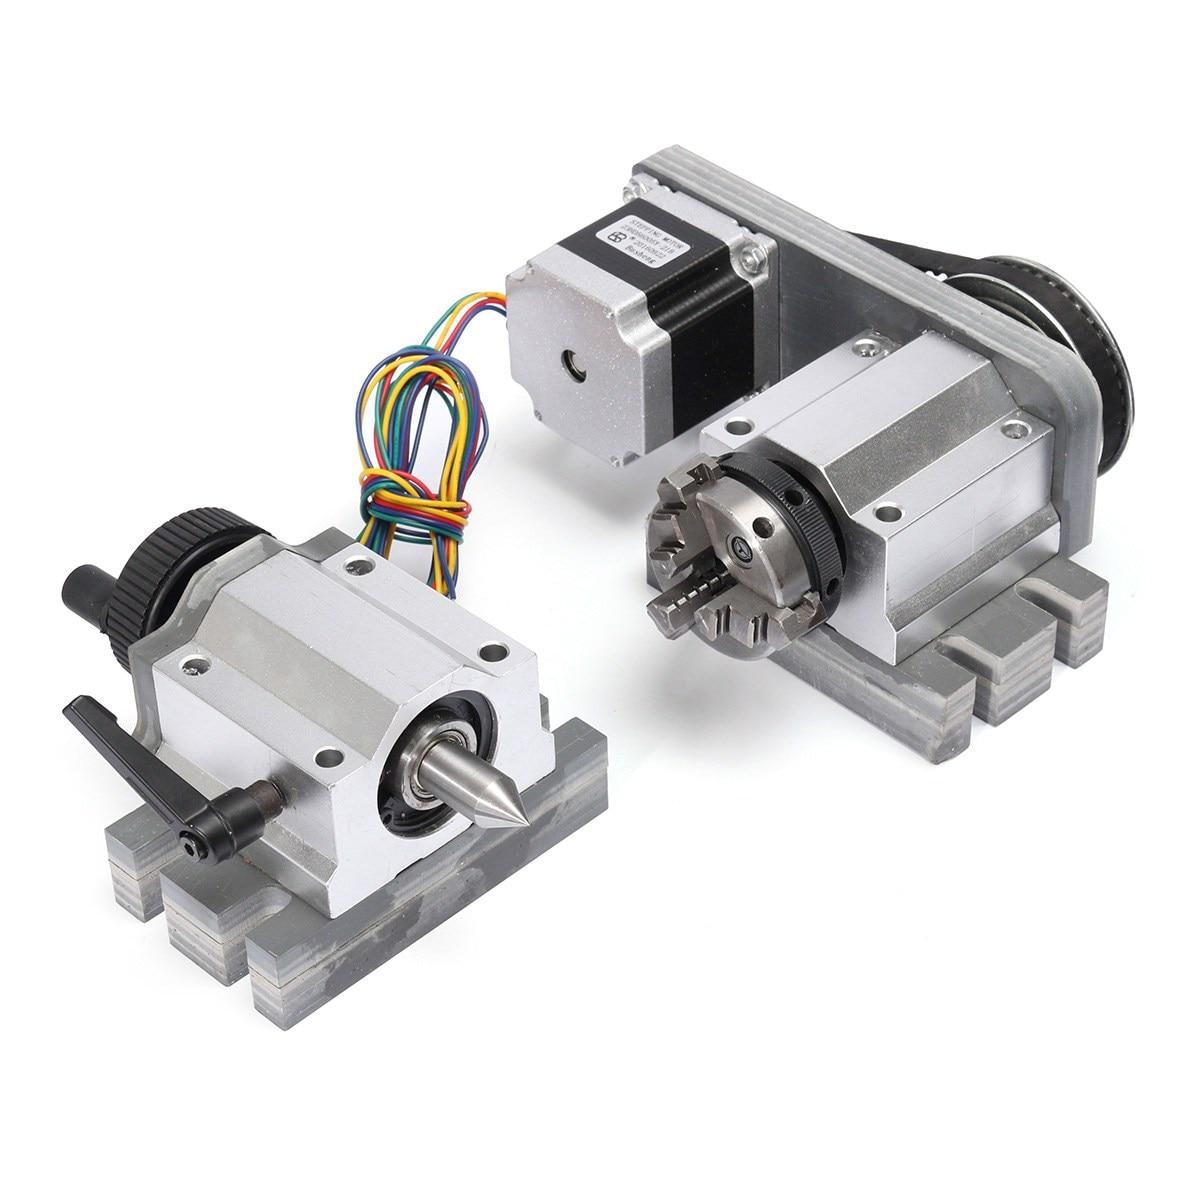 Фрезерный станок с ЧПУ вращательная ось A-Axis 4th-axis 3-Jaw 80 мм и хвостовый шток шаговый двигатель для гравировальной машины